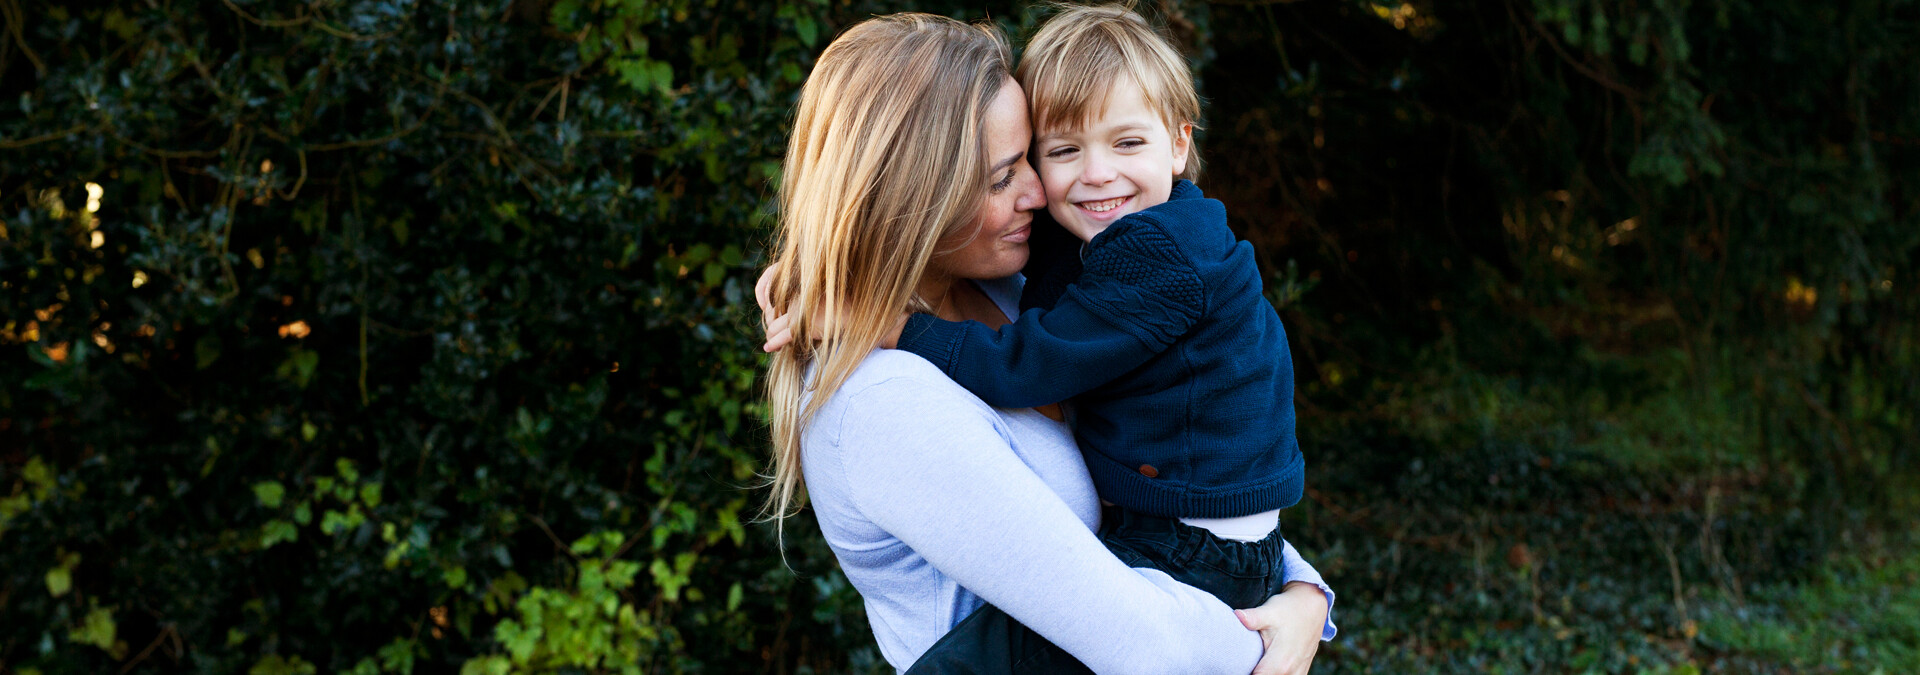 Voldsudsat mor på krisecenter bærer sin søn, som smiler